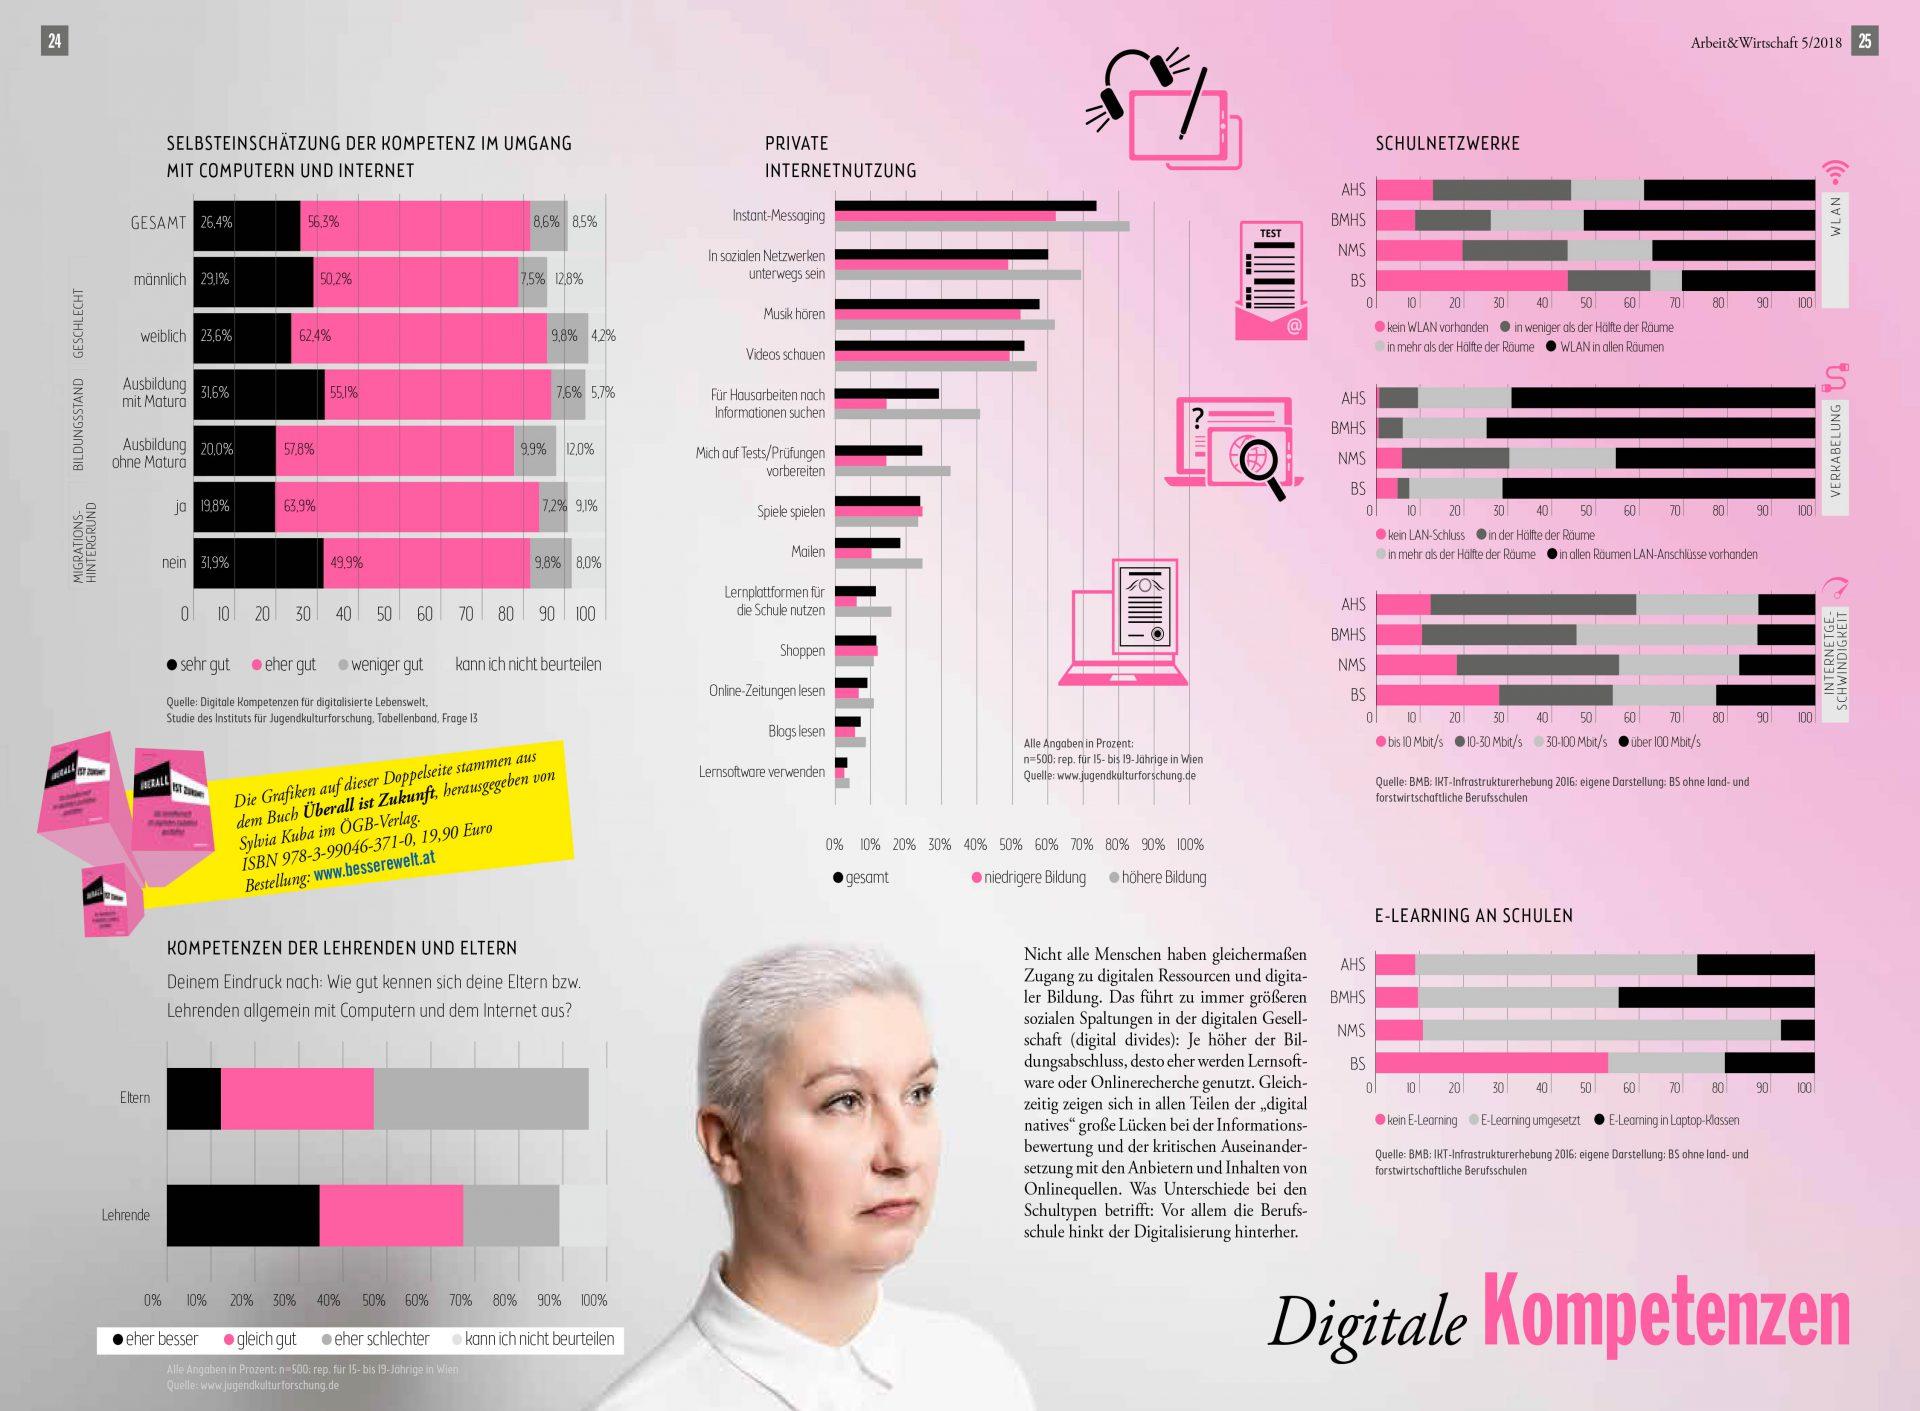 Infografik: Digitale Kompetenzen: Nicht alle Menschen haben gleichermaßen Zugang zu digitalen Ressourcen und digitaler Bildung. Das führt zu immer größeren sozialen Spaltungen in der digitalen Gesellschaft (digital divides): Je höher der Bildungsabschluss, desto eher werden Lernsoftware oder Onlinerecherche genutzt.